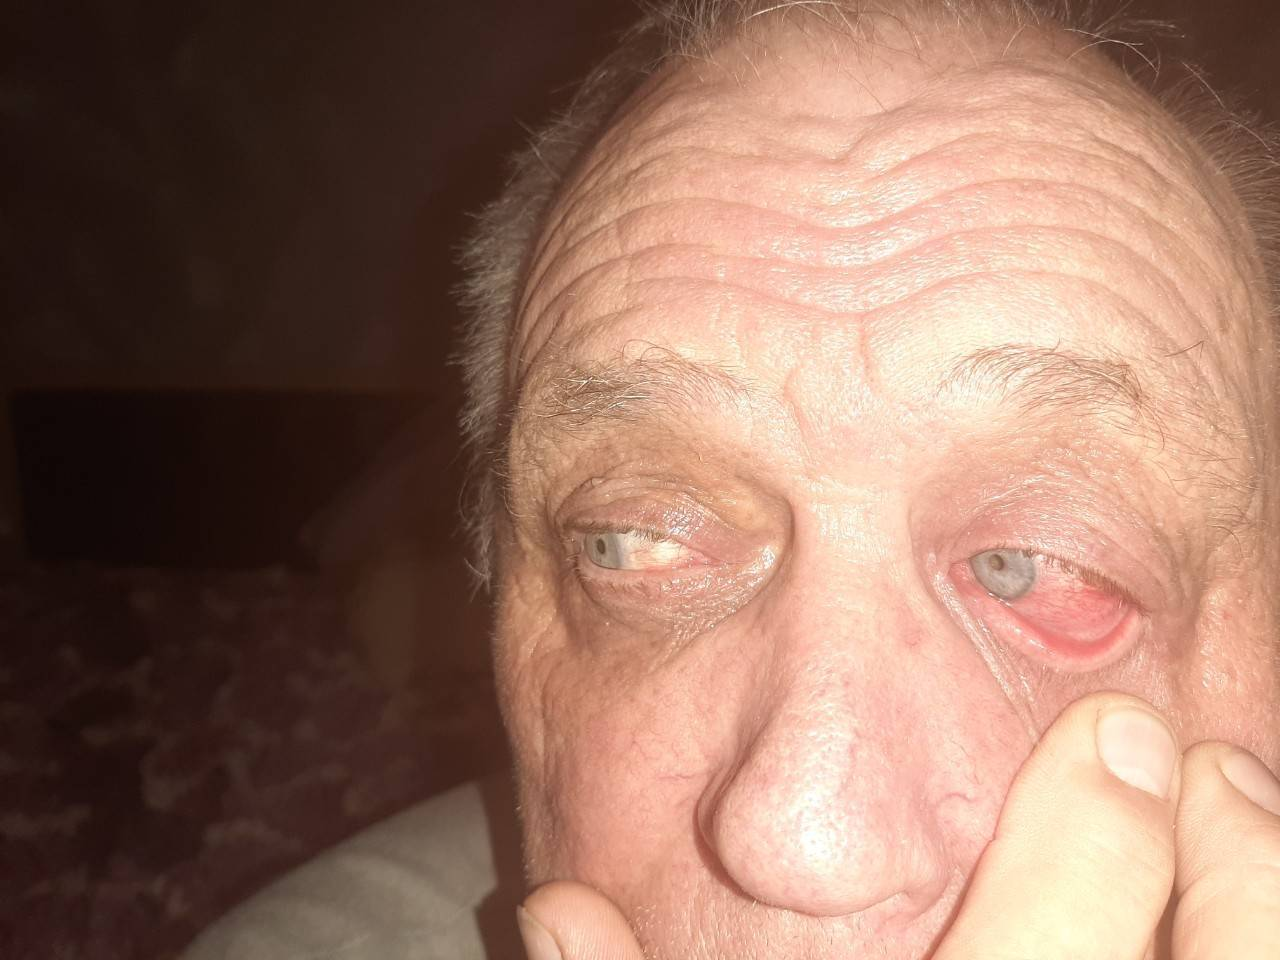 Почему краснеют глаза и болят и слезятся глаза